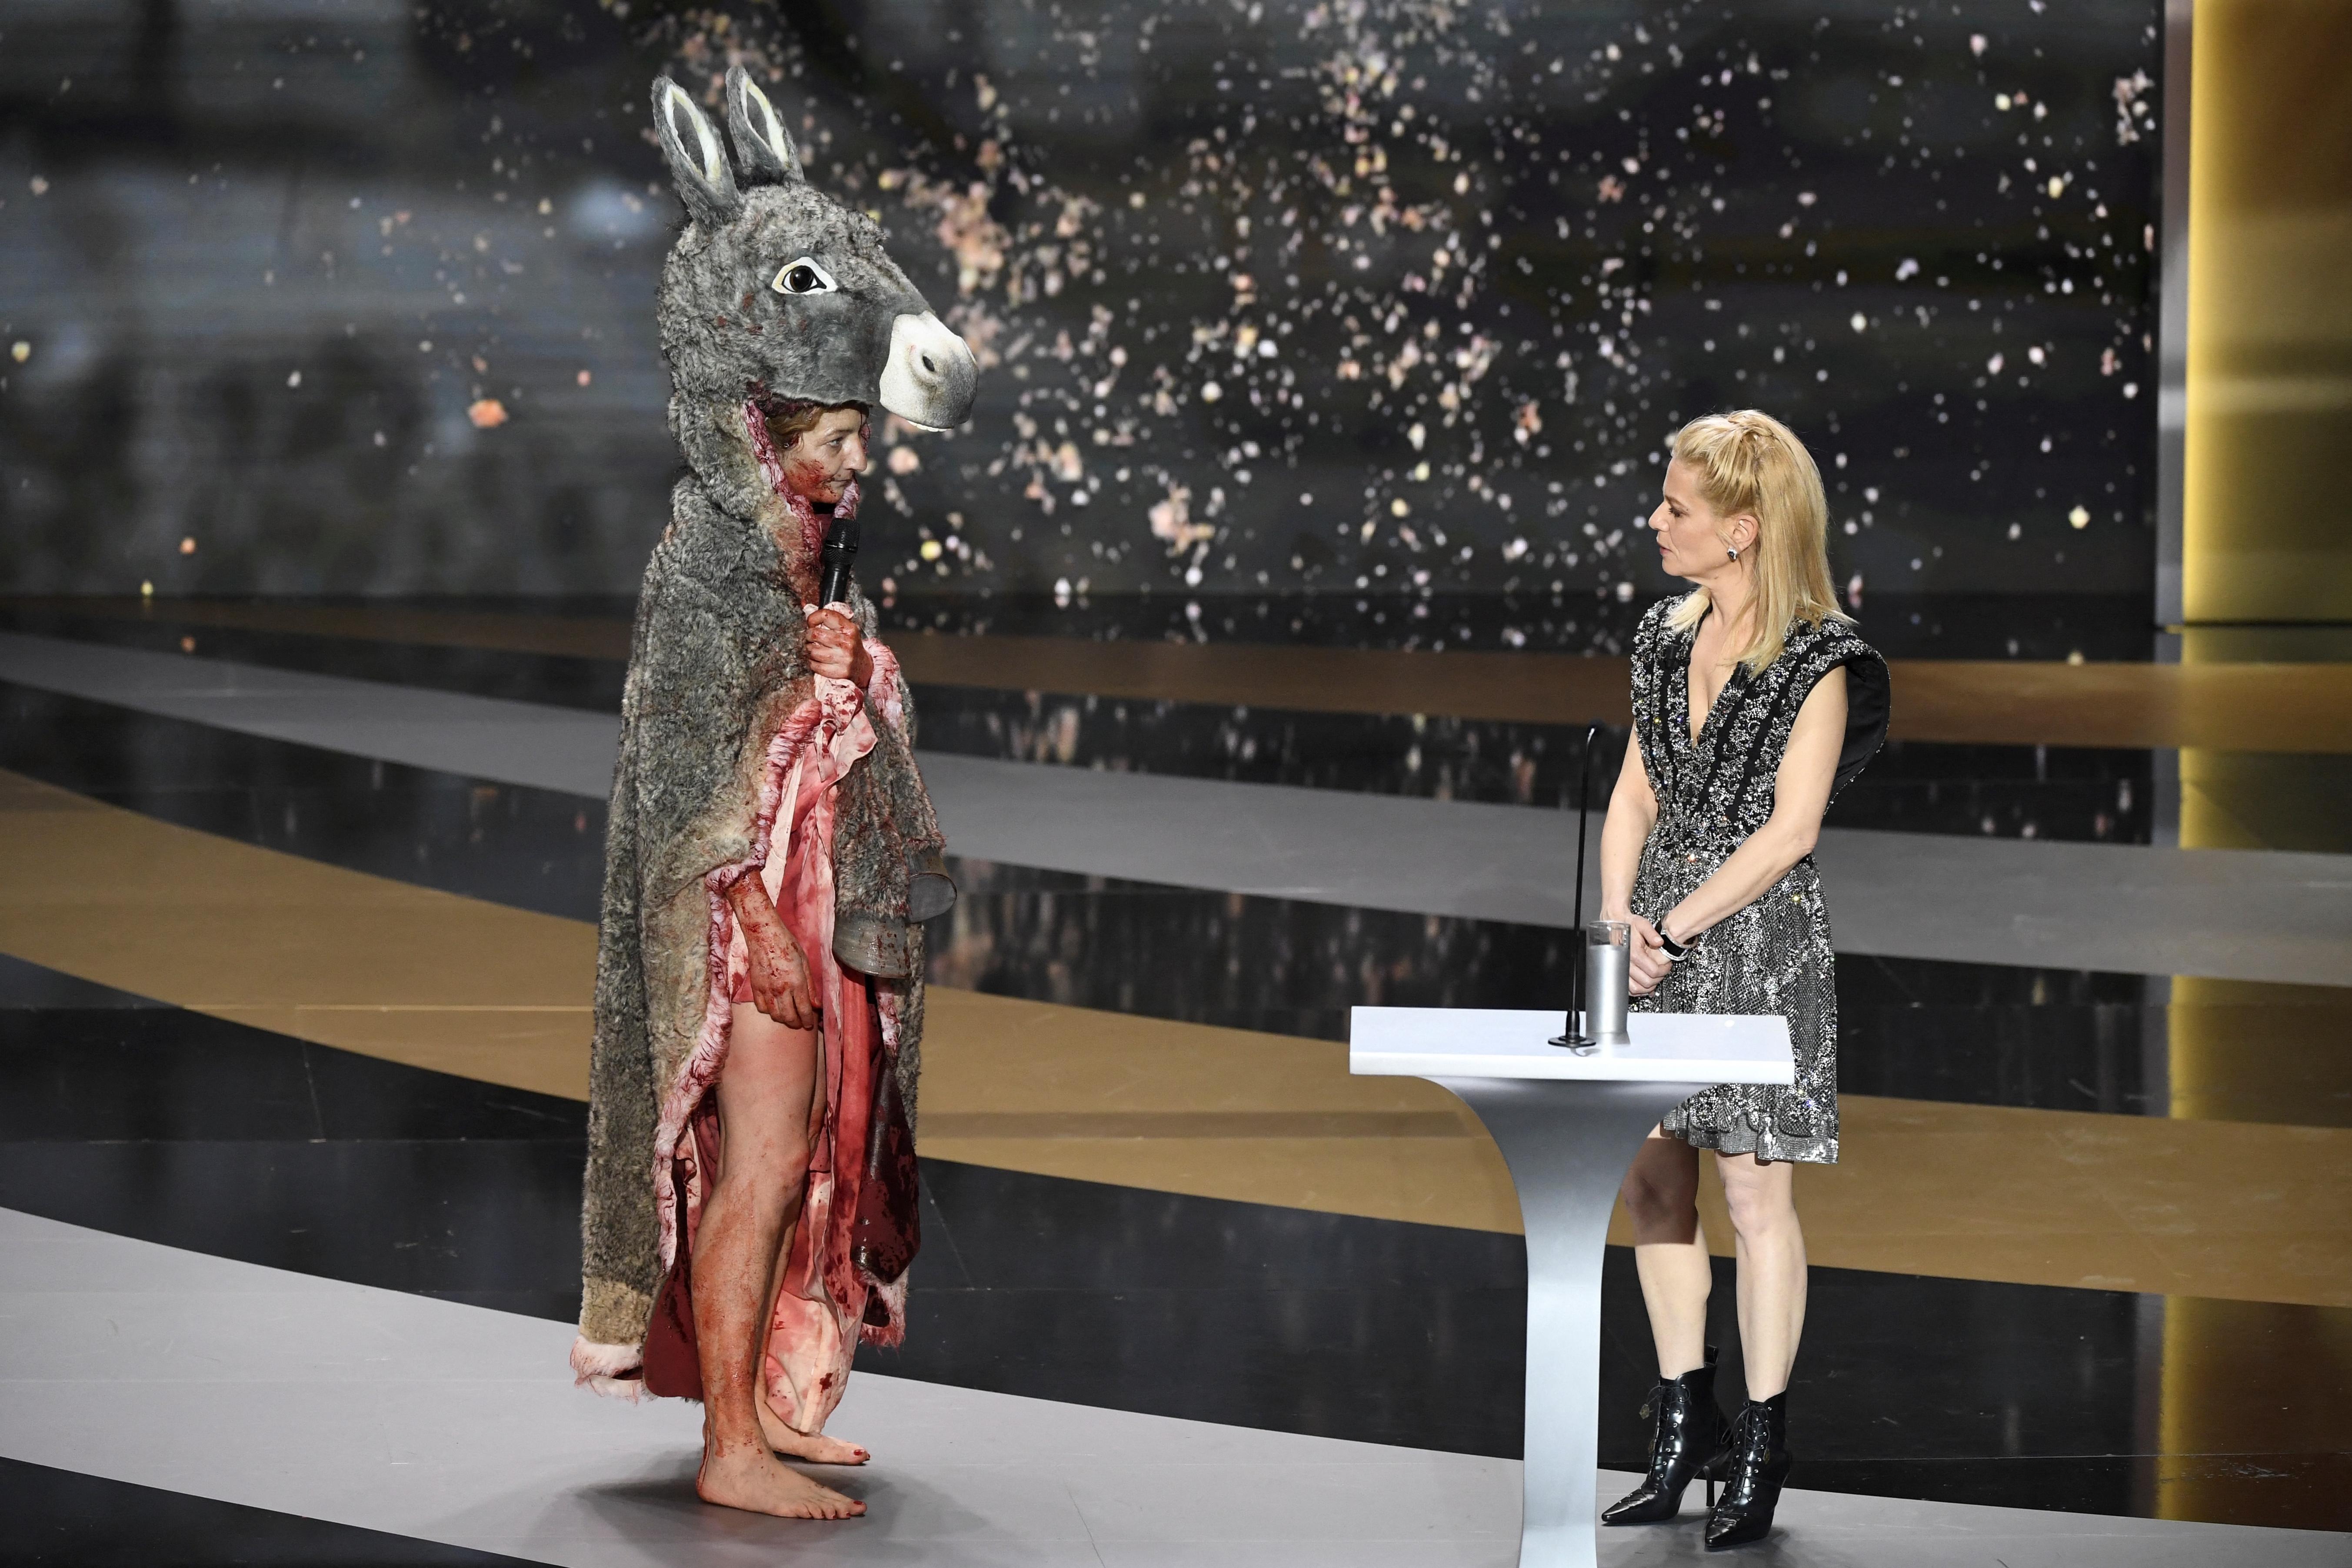 Meztelenre vetkőzve tiltakozott a kulturális intézmények bezárása ellen egy francia színésznő a César-díj átadóján